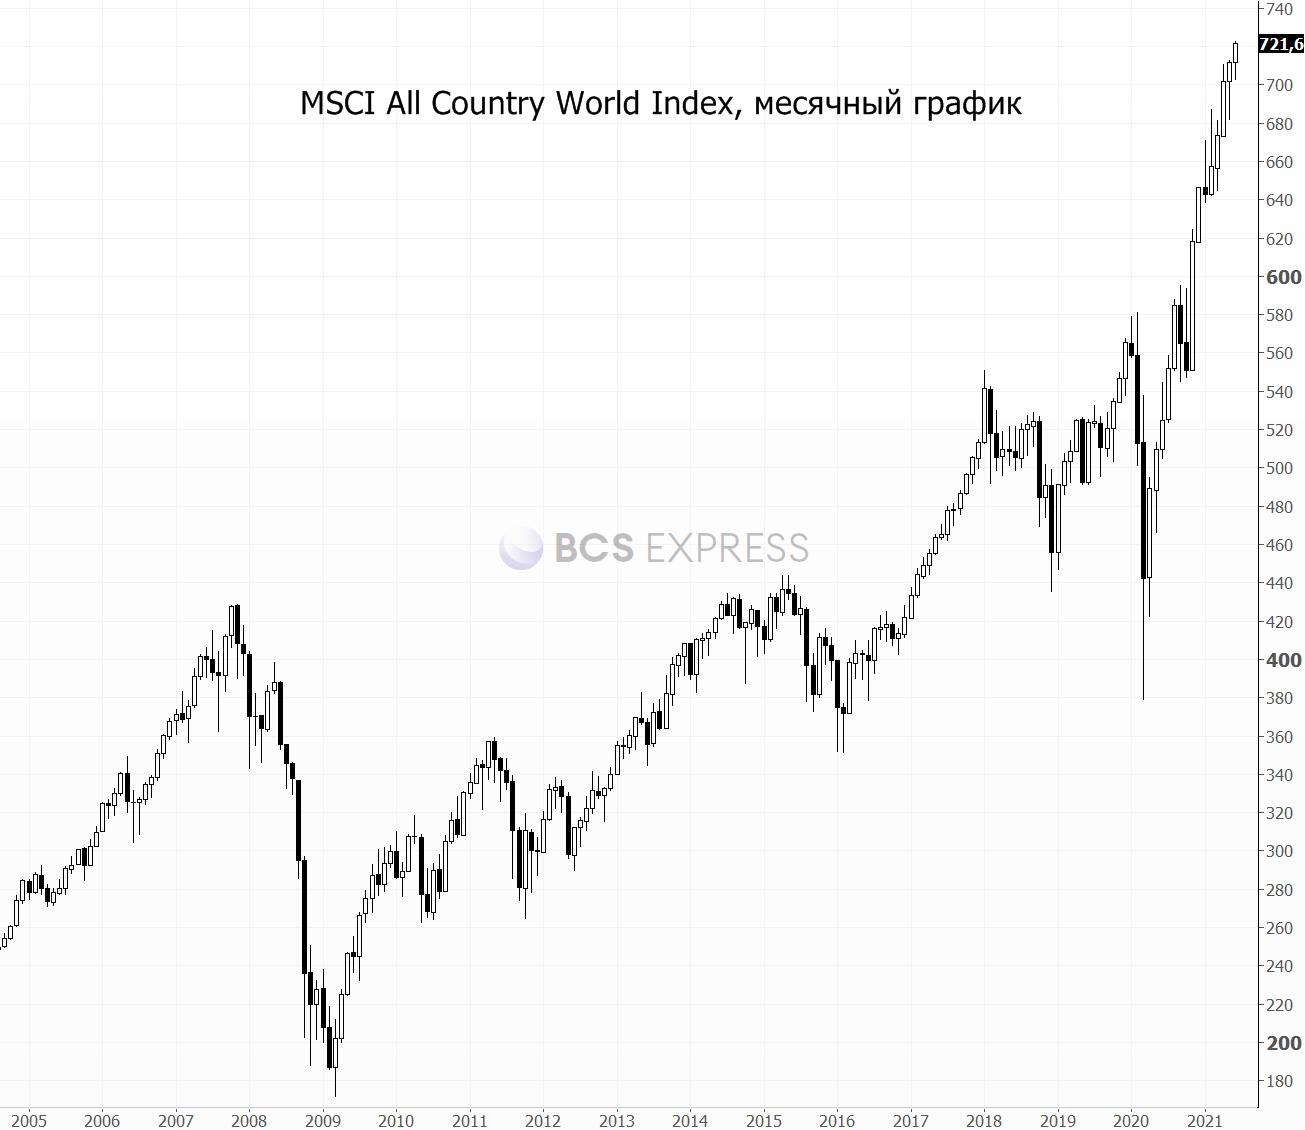 Опасения инвесторов растут